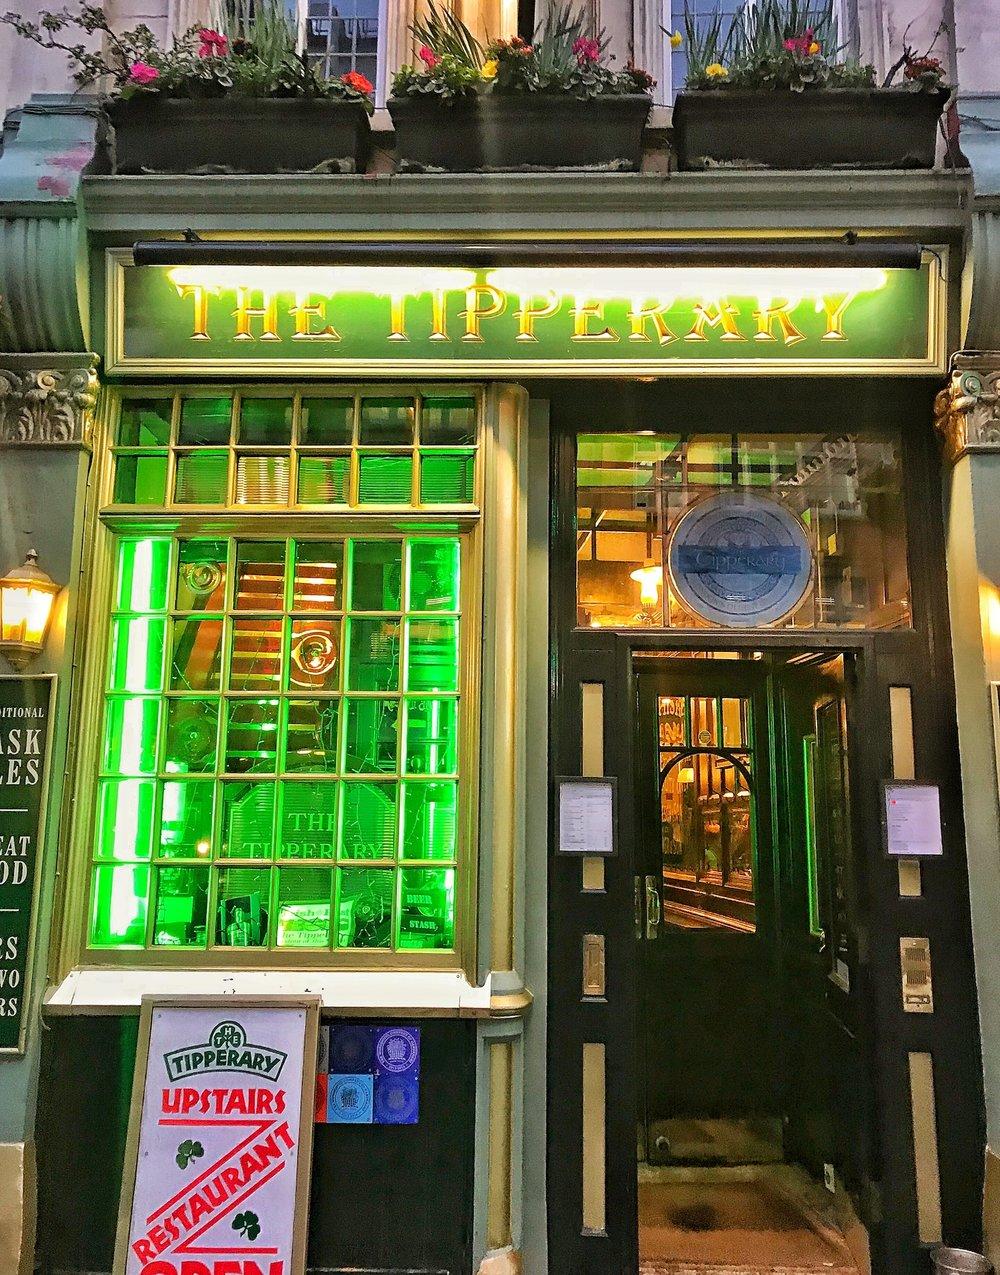 The Tipperary 66 Fleet St.